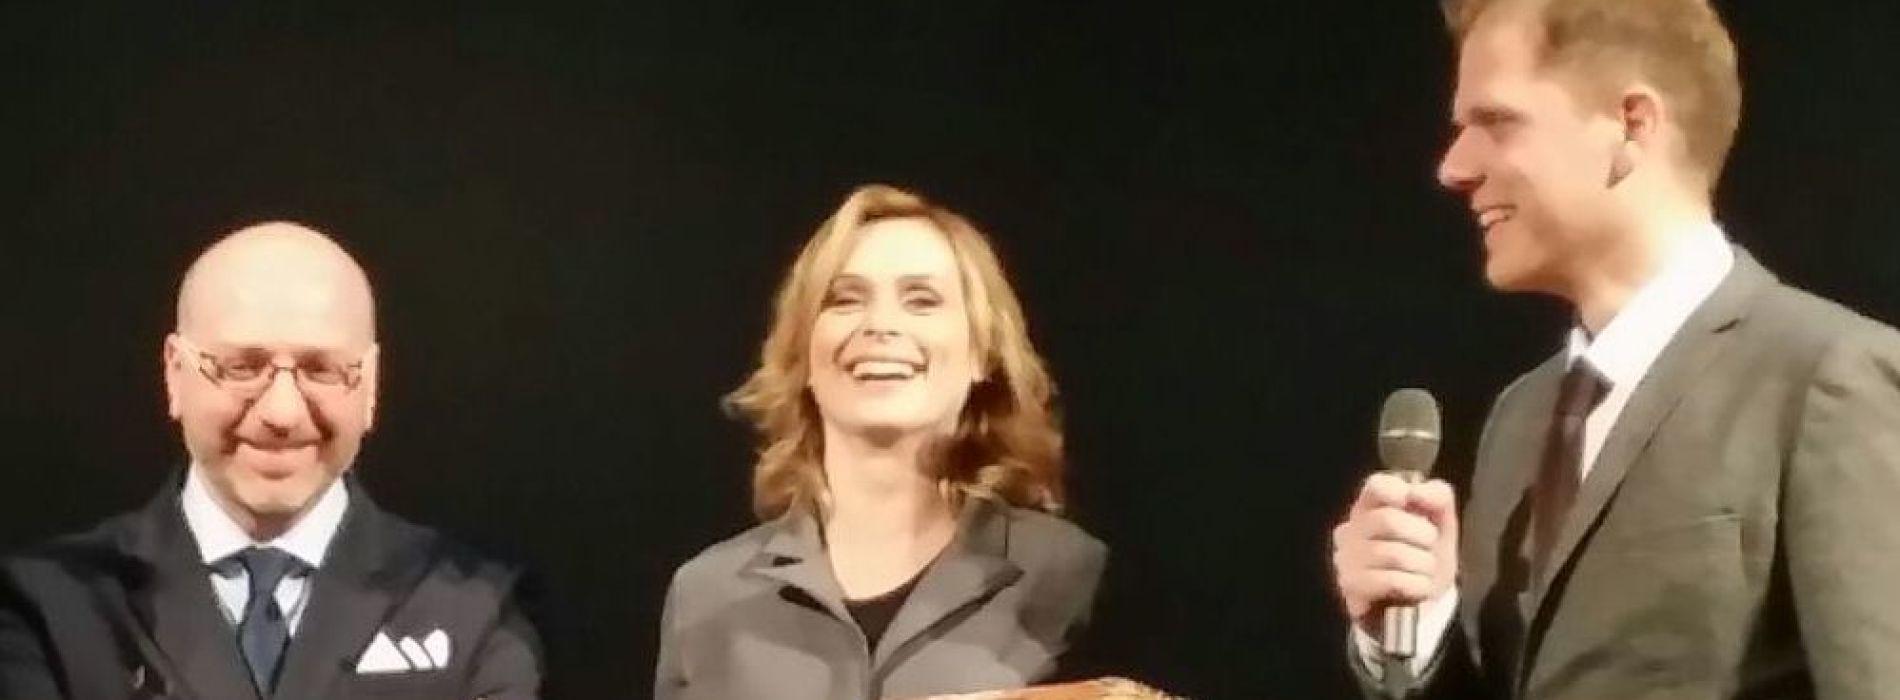 Al Salotto a Teatro una solare Serena Autieri riceve il Premio Pulcinellamente